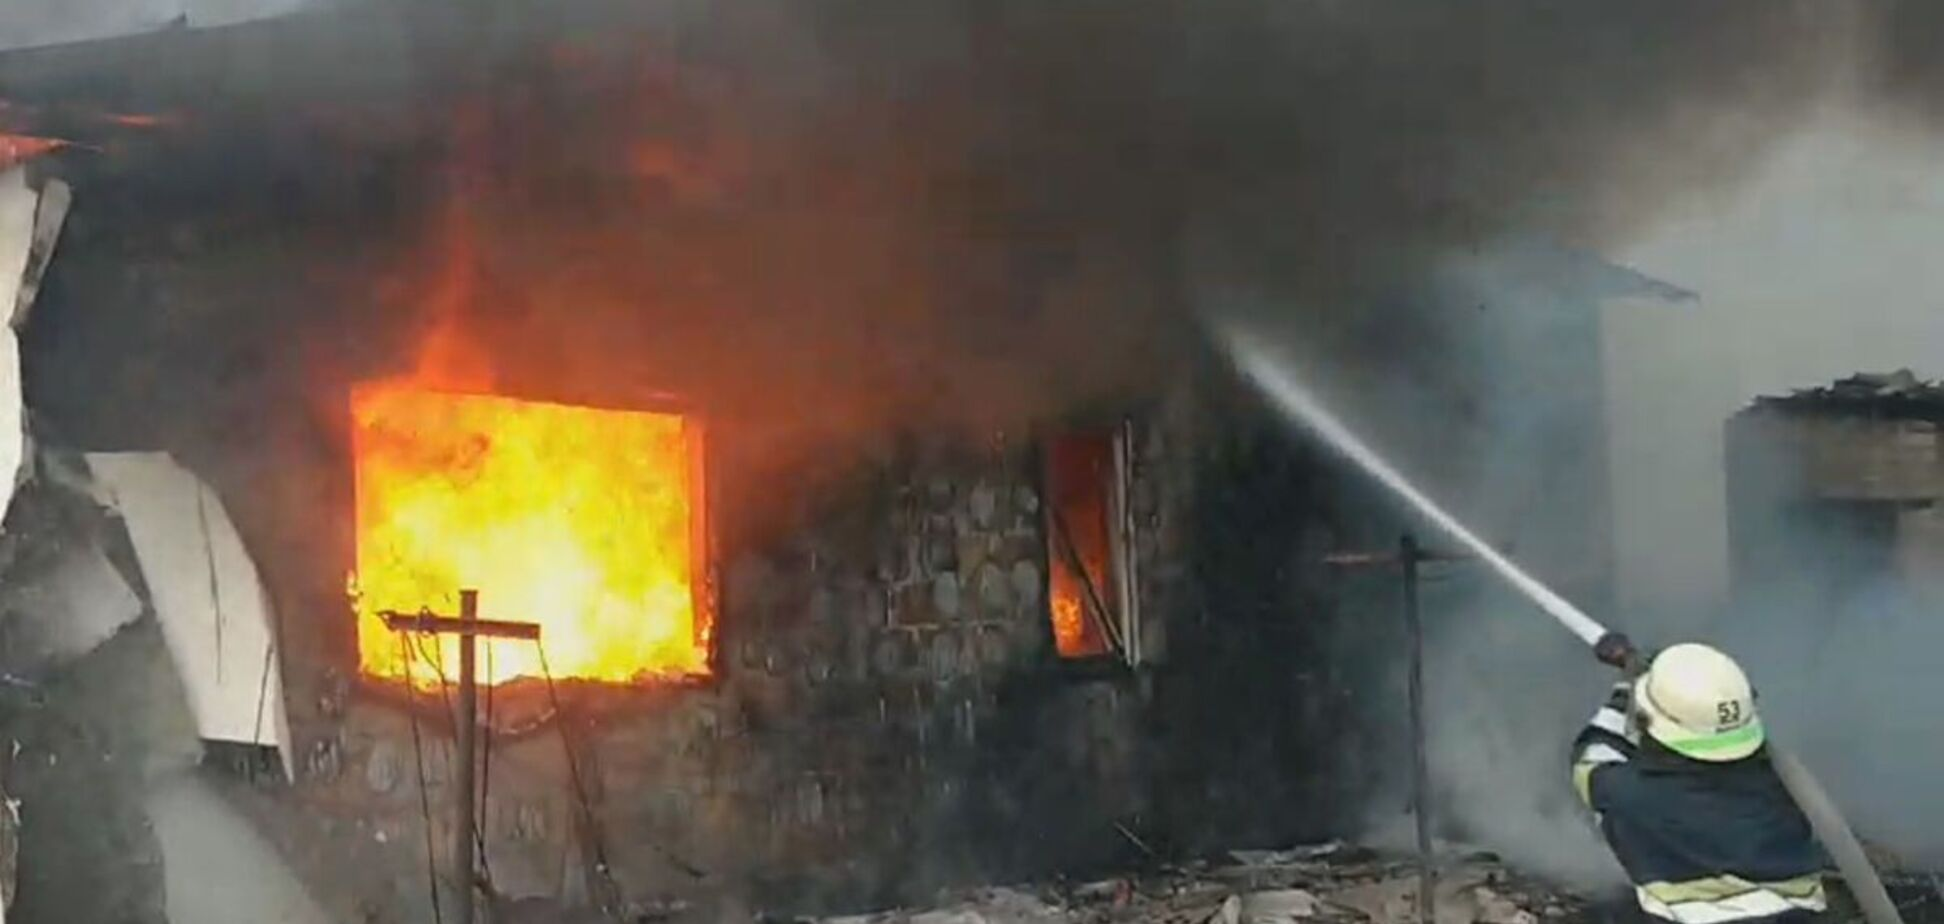 На Дніпропетровщині вогонь охопив житловий будинок: є постраждалі. Фото та відео